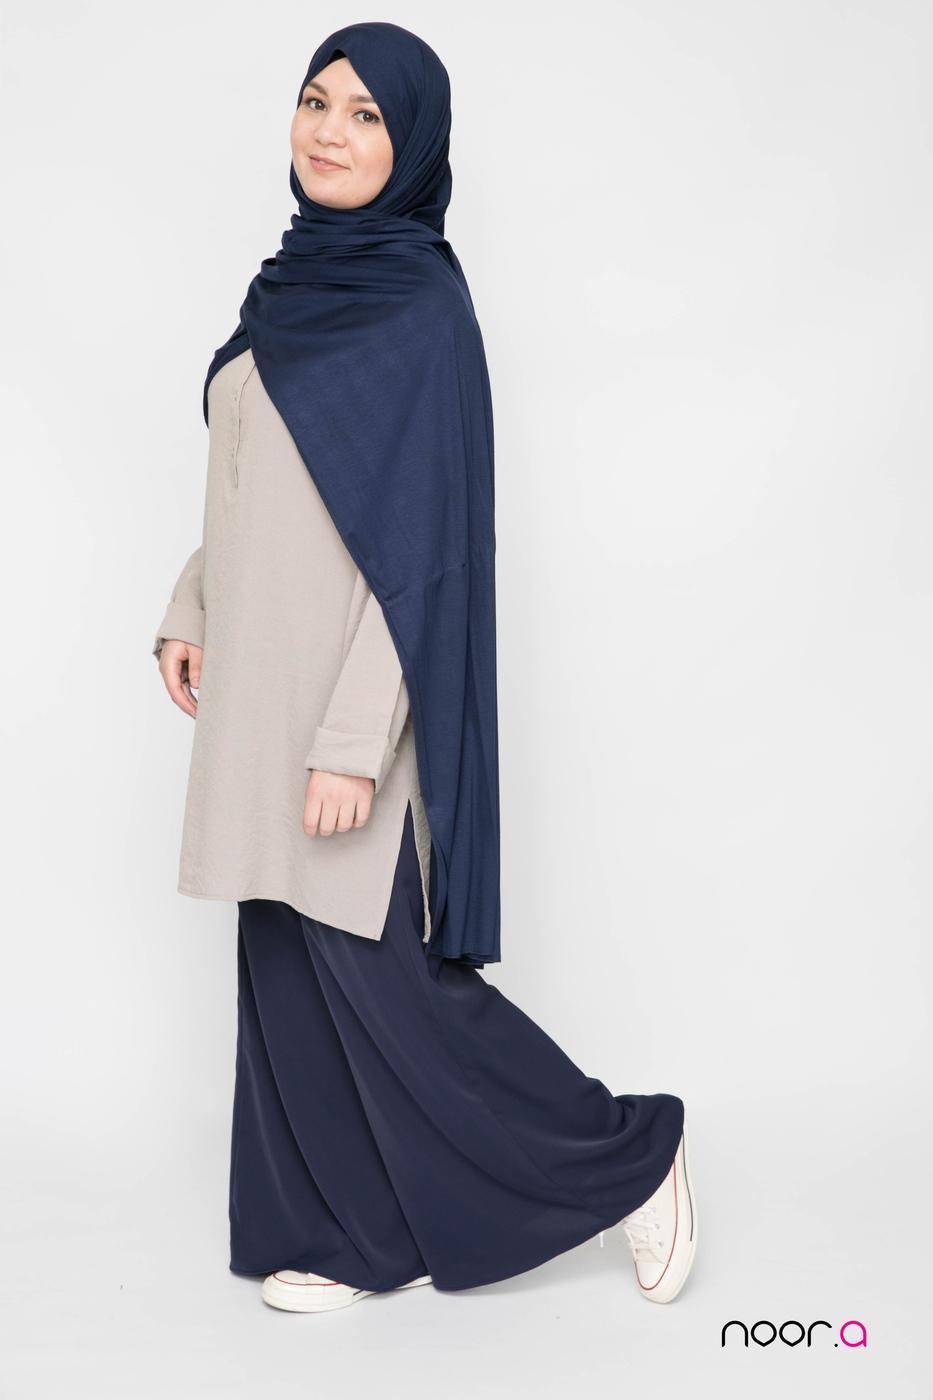 pantalon-large-pour-hijab-bleu-marine-fluide-tunique-été-hijab-jersey-premium-bleu-marine (4)